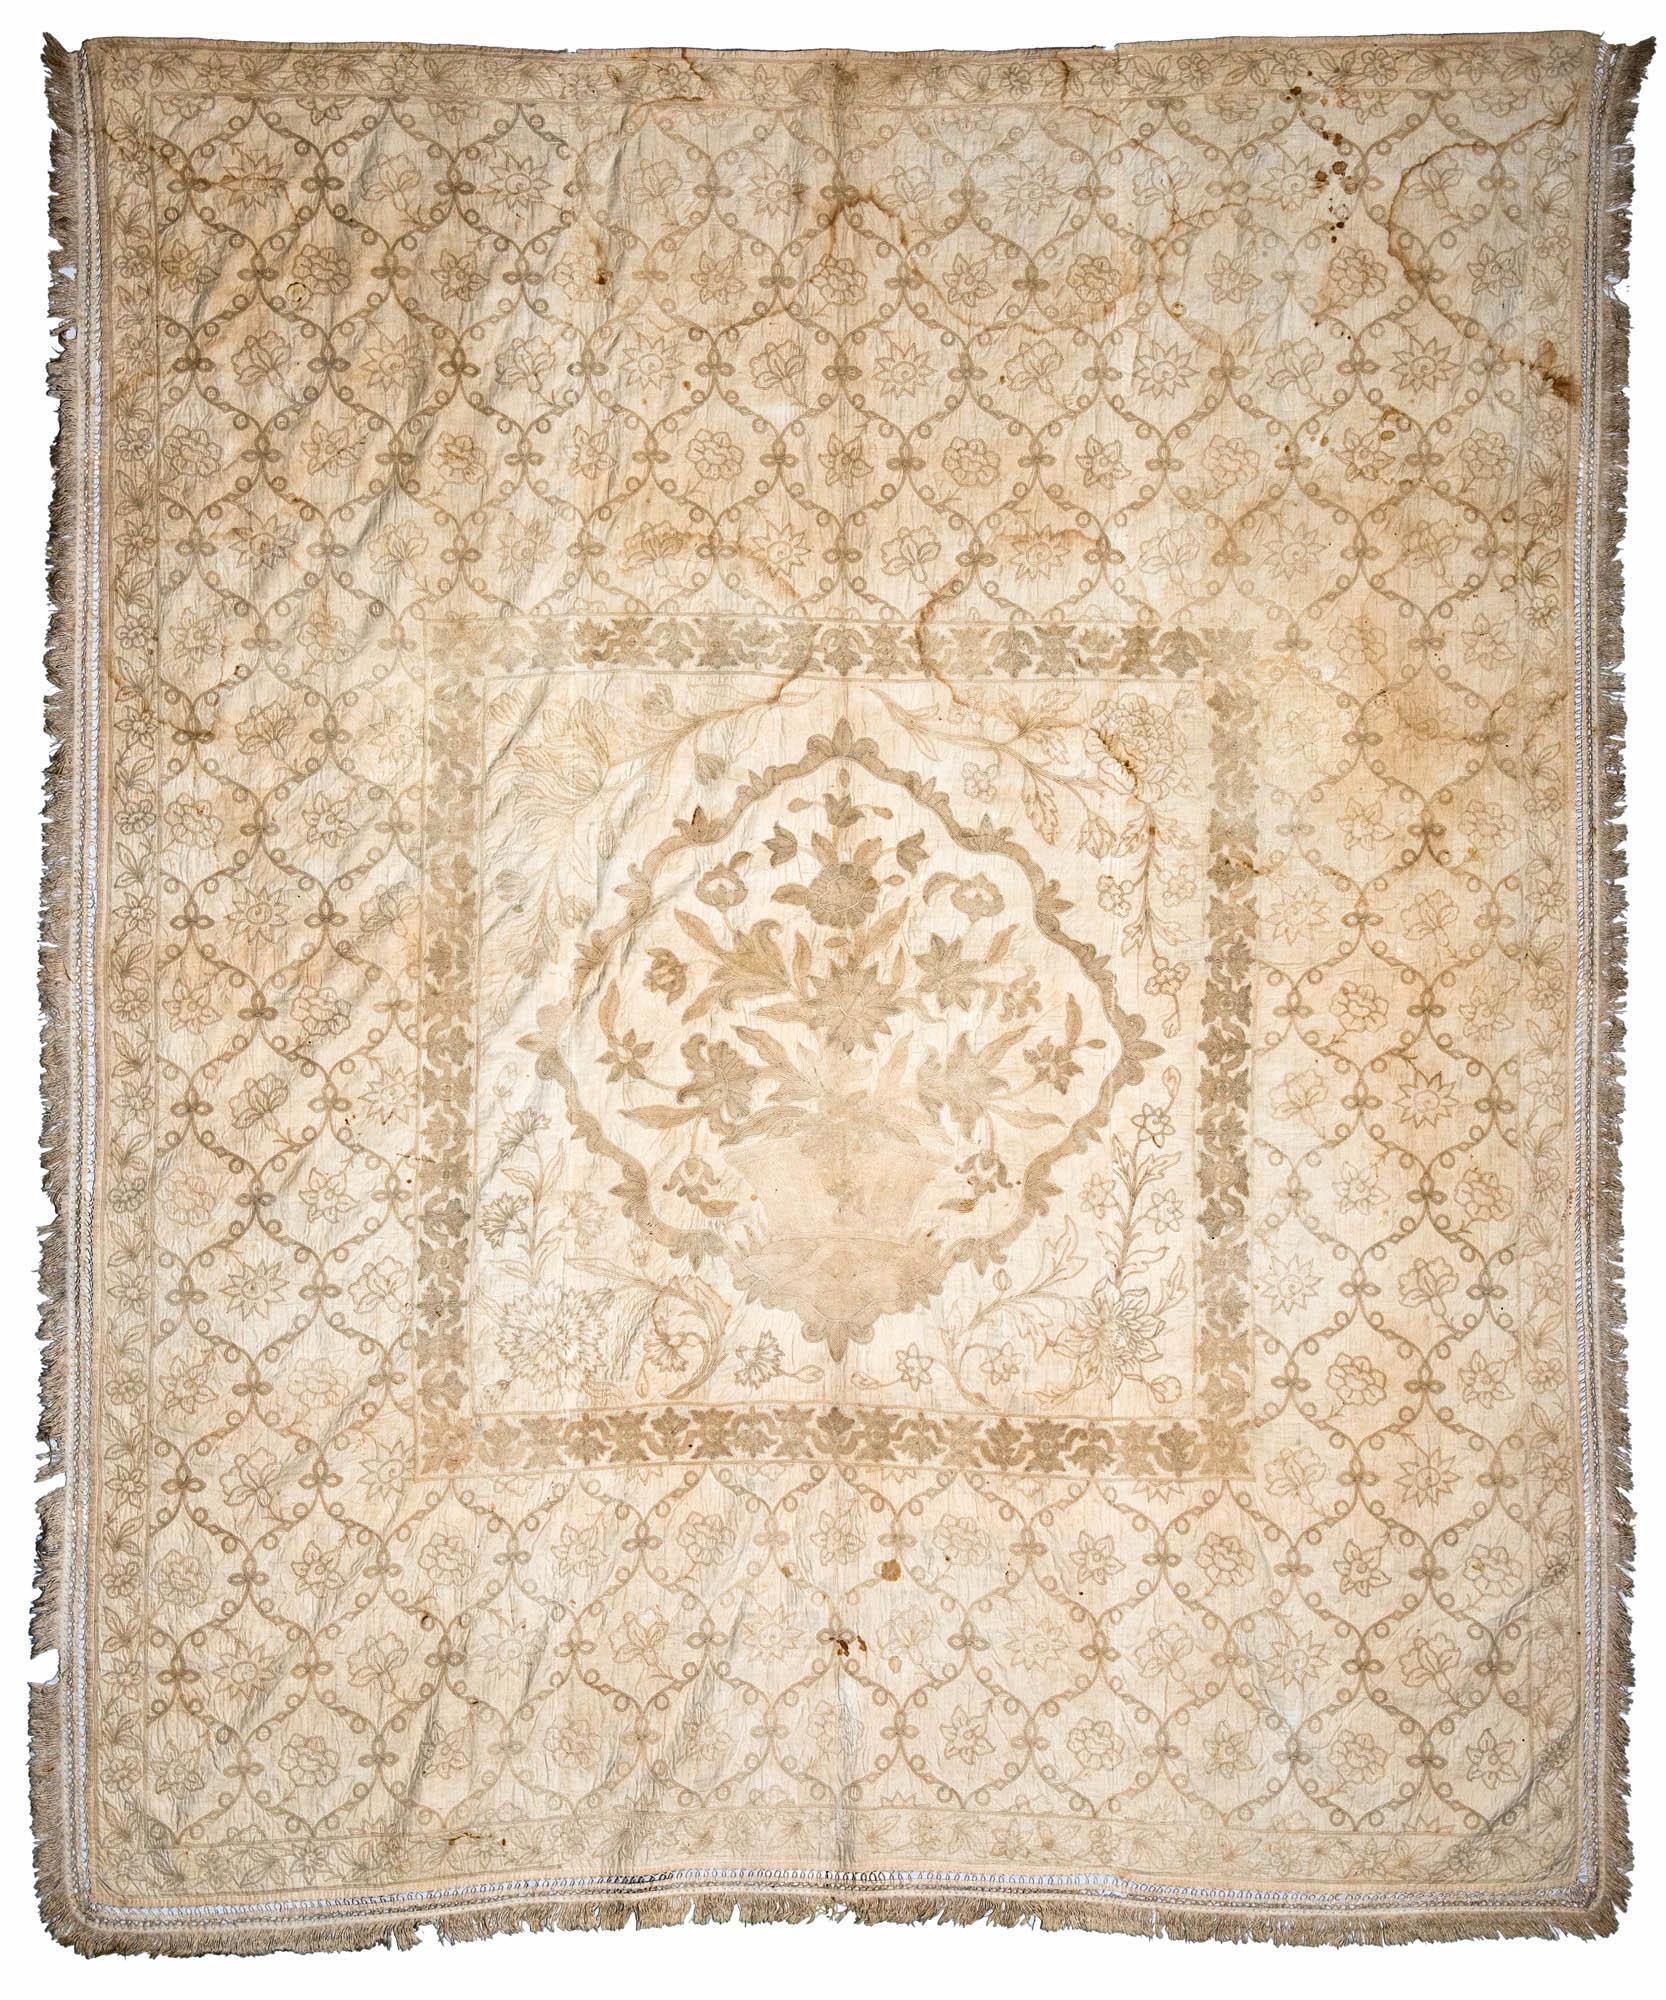 Whitework Quilt